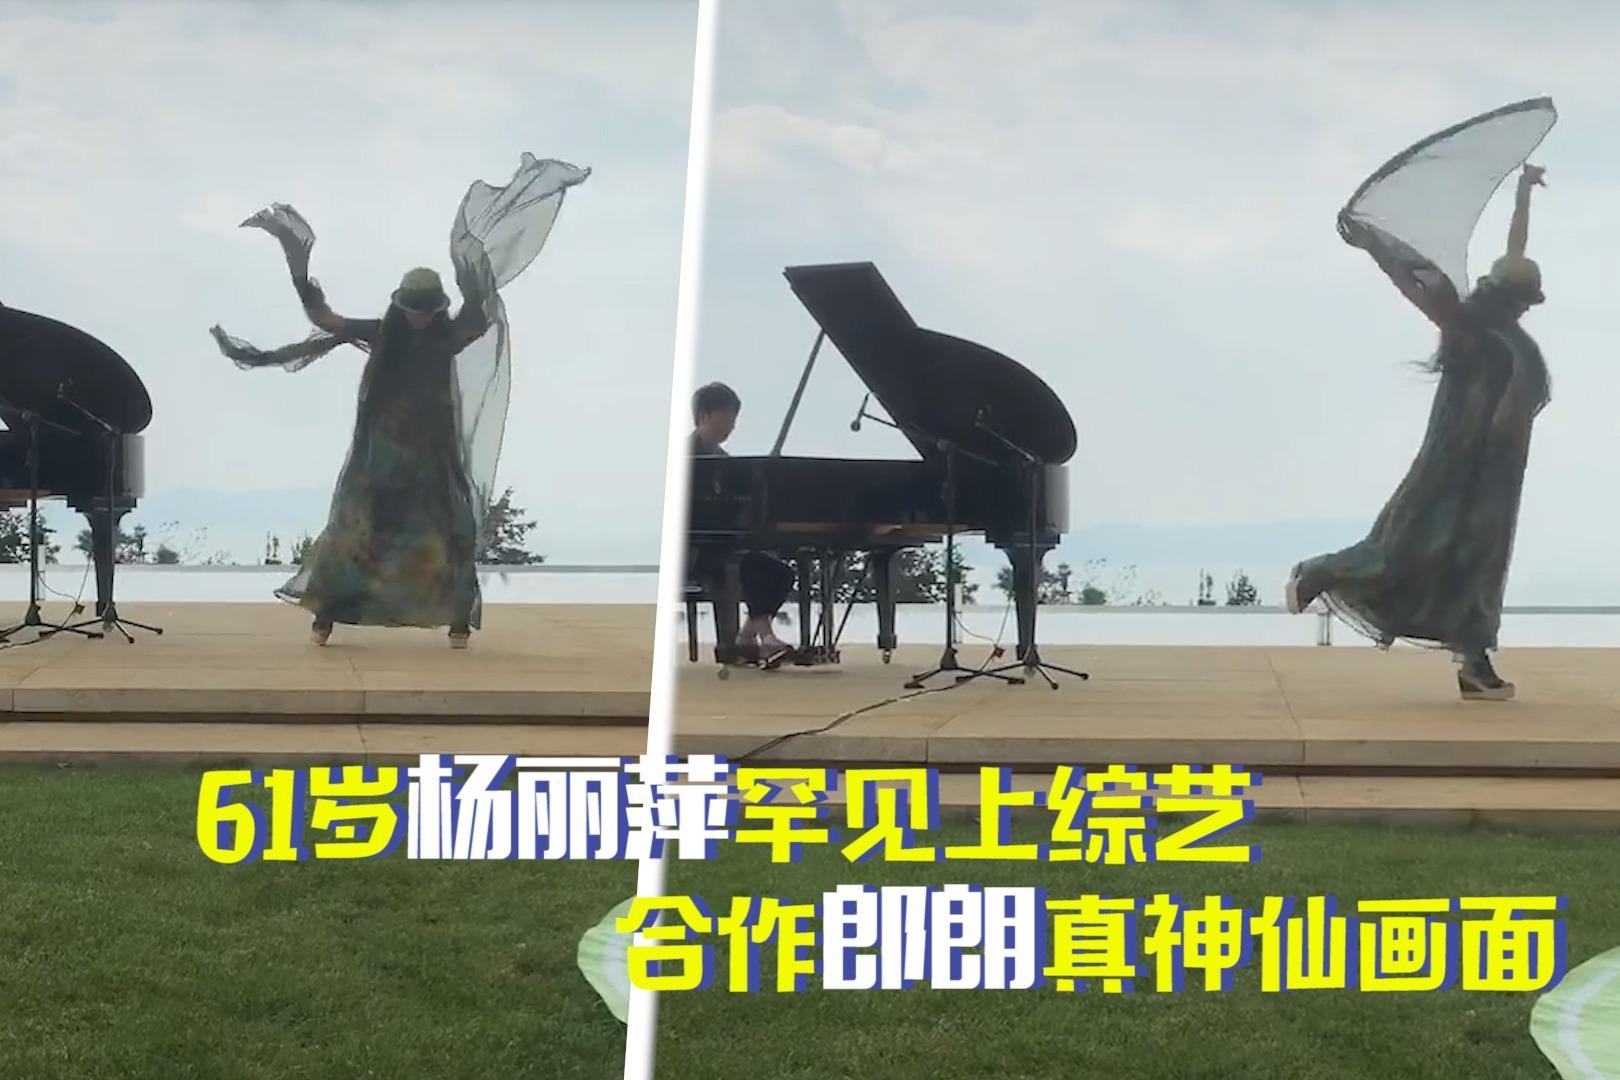 61岁杨丽萍罕上综艺,合作郎朗跳舞,身姿灵活似活孔雀